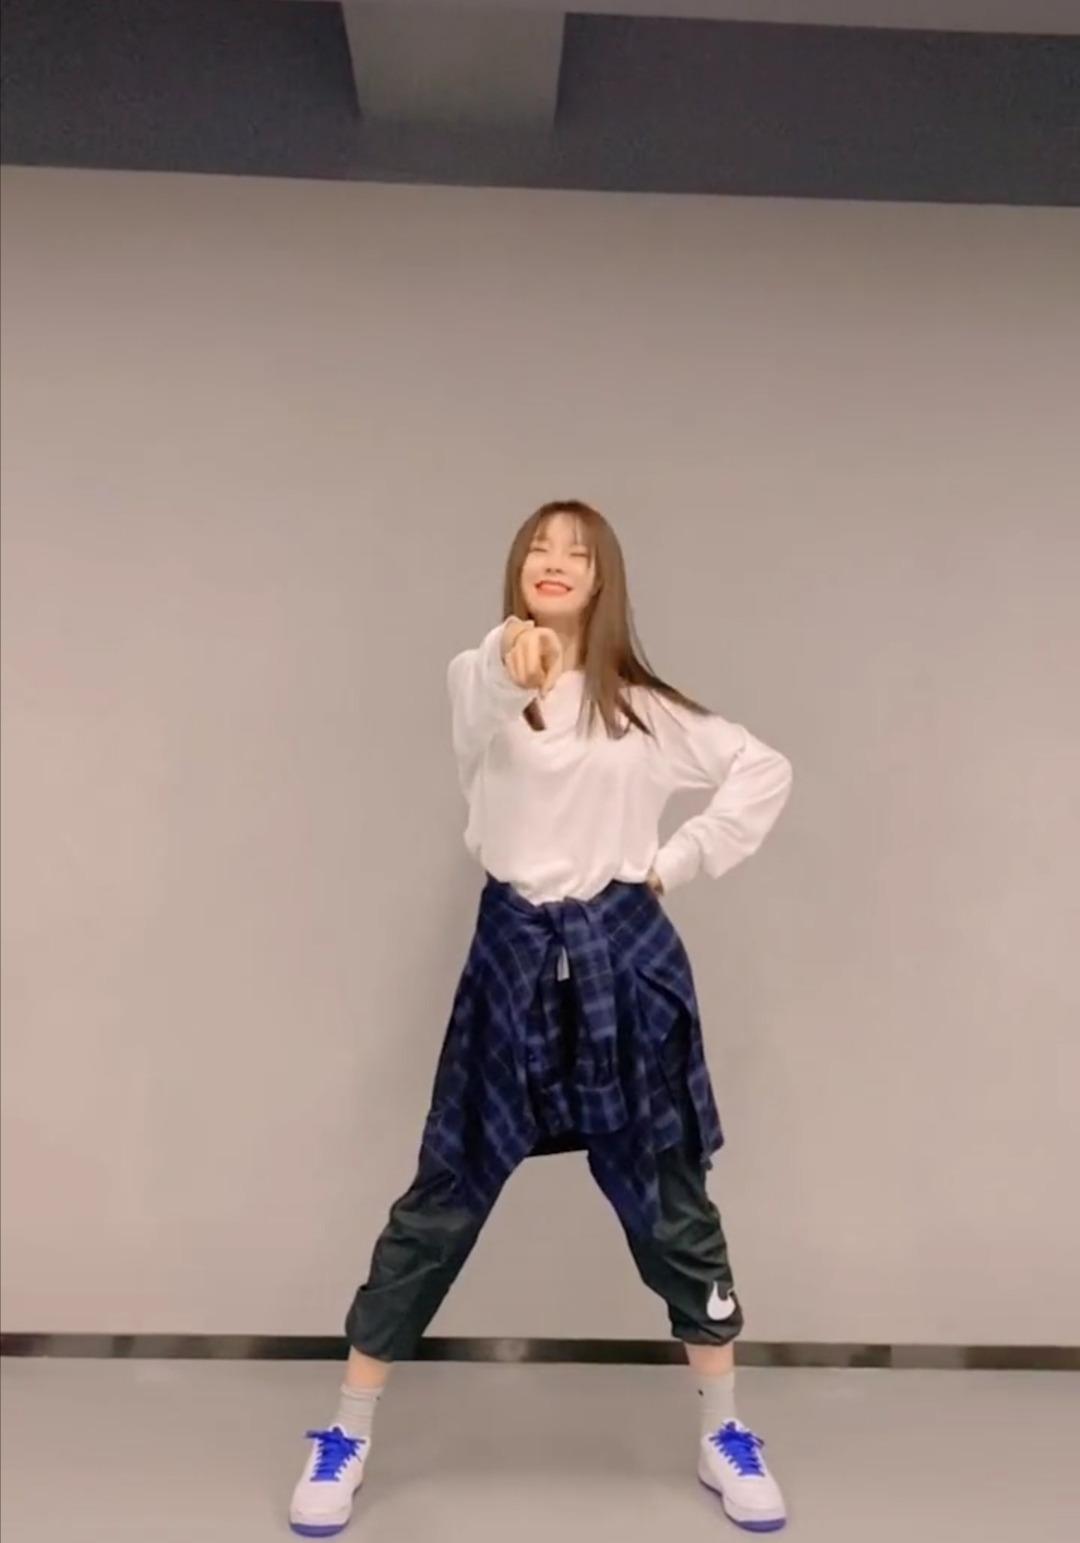 沈梦辰模仿《青你2》选手跳舞,表情控制满分,被指:撞脸蔡卓宜